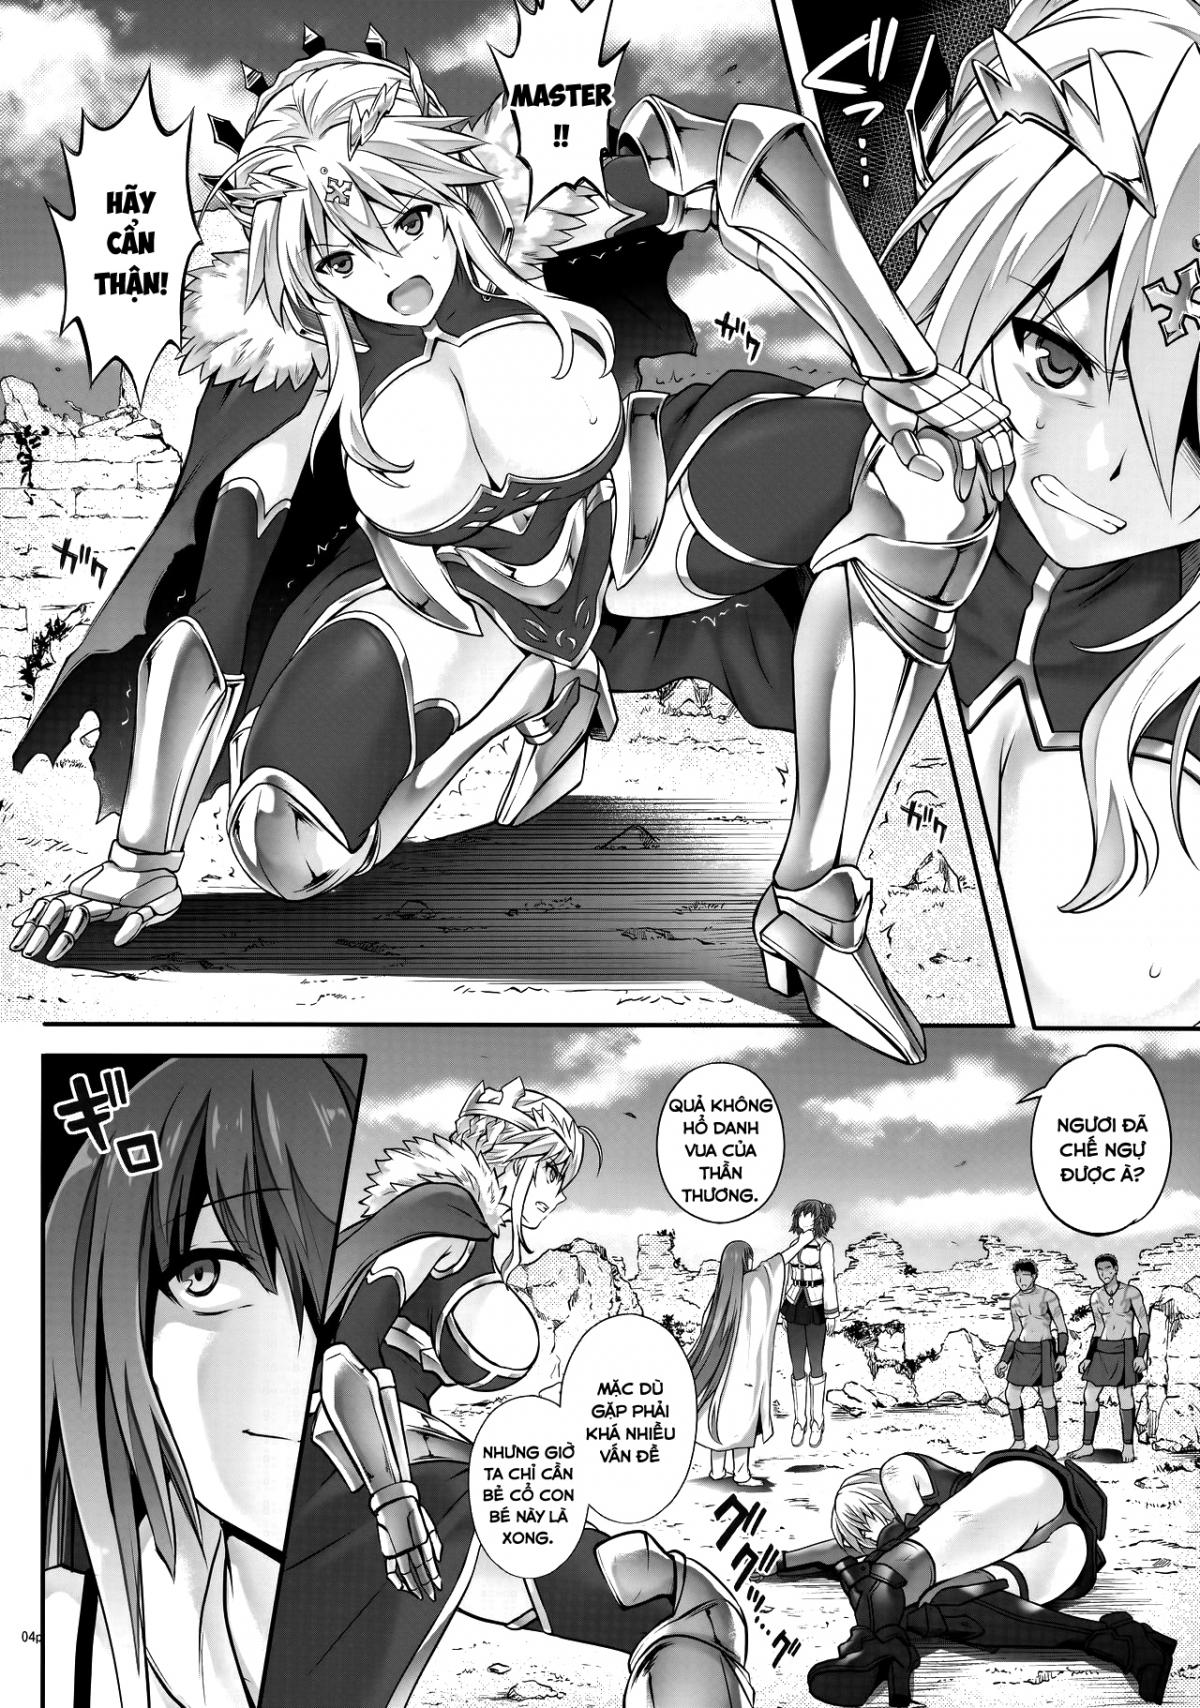 Hình ảnh  trong bài viết Truyện hentai T-30 Do